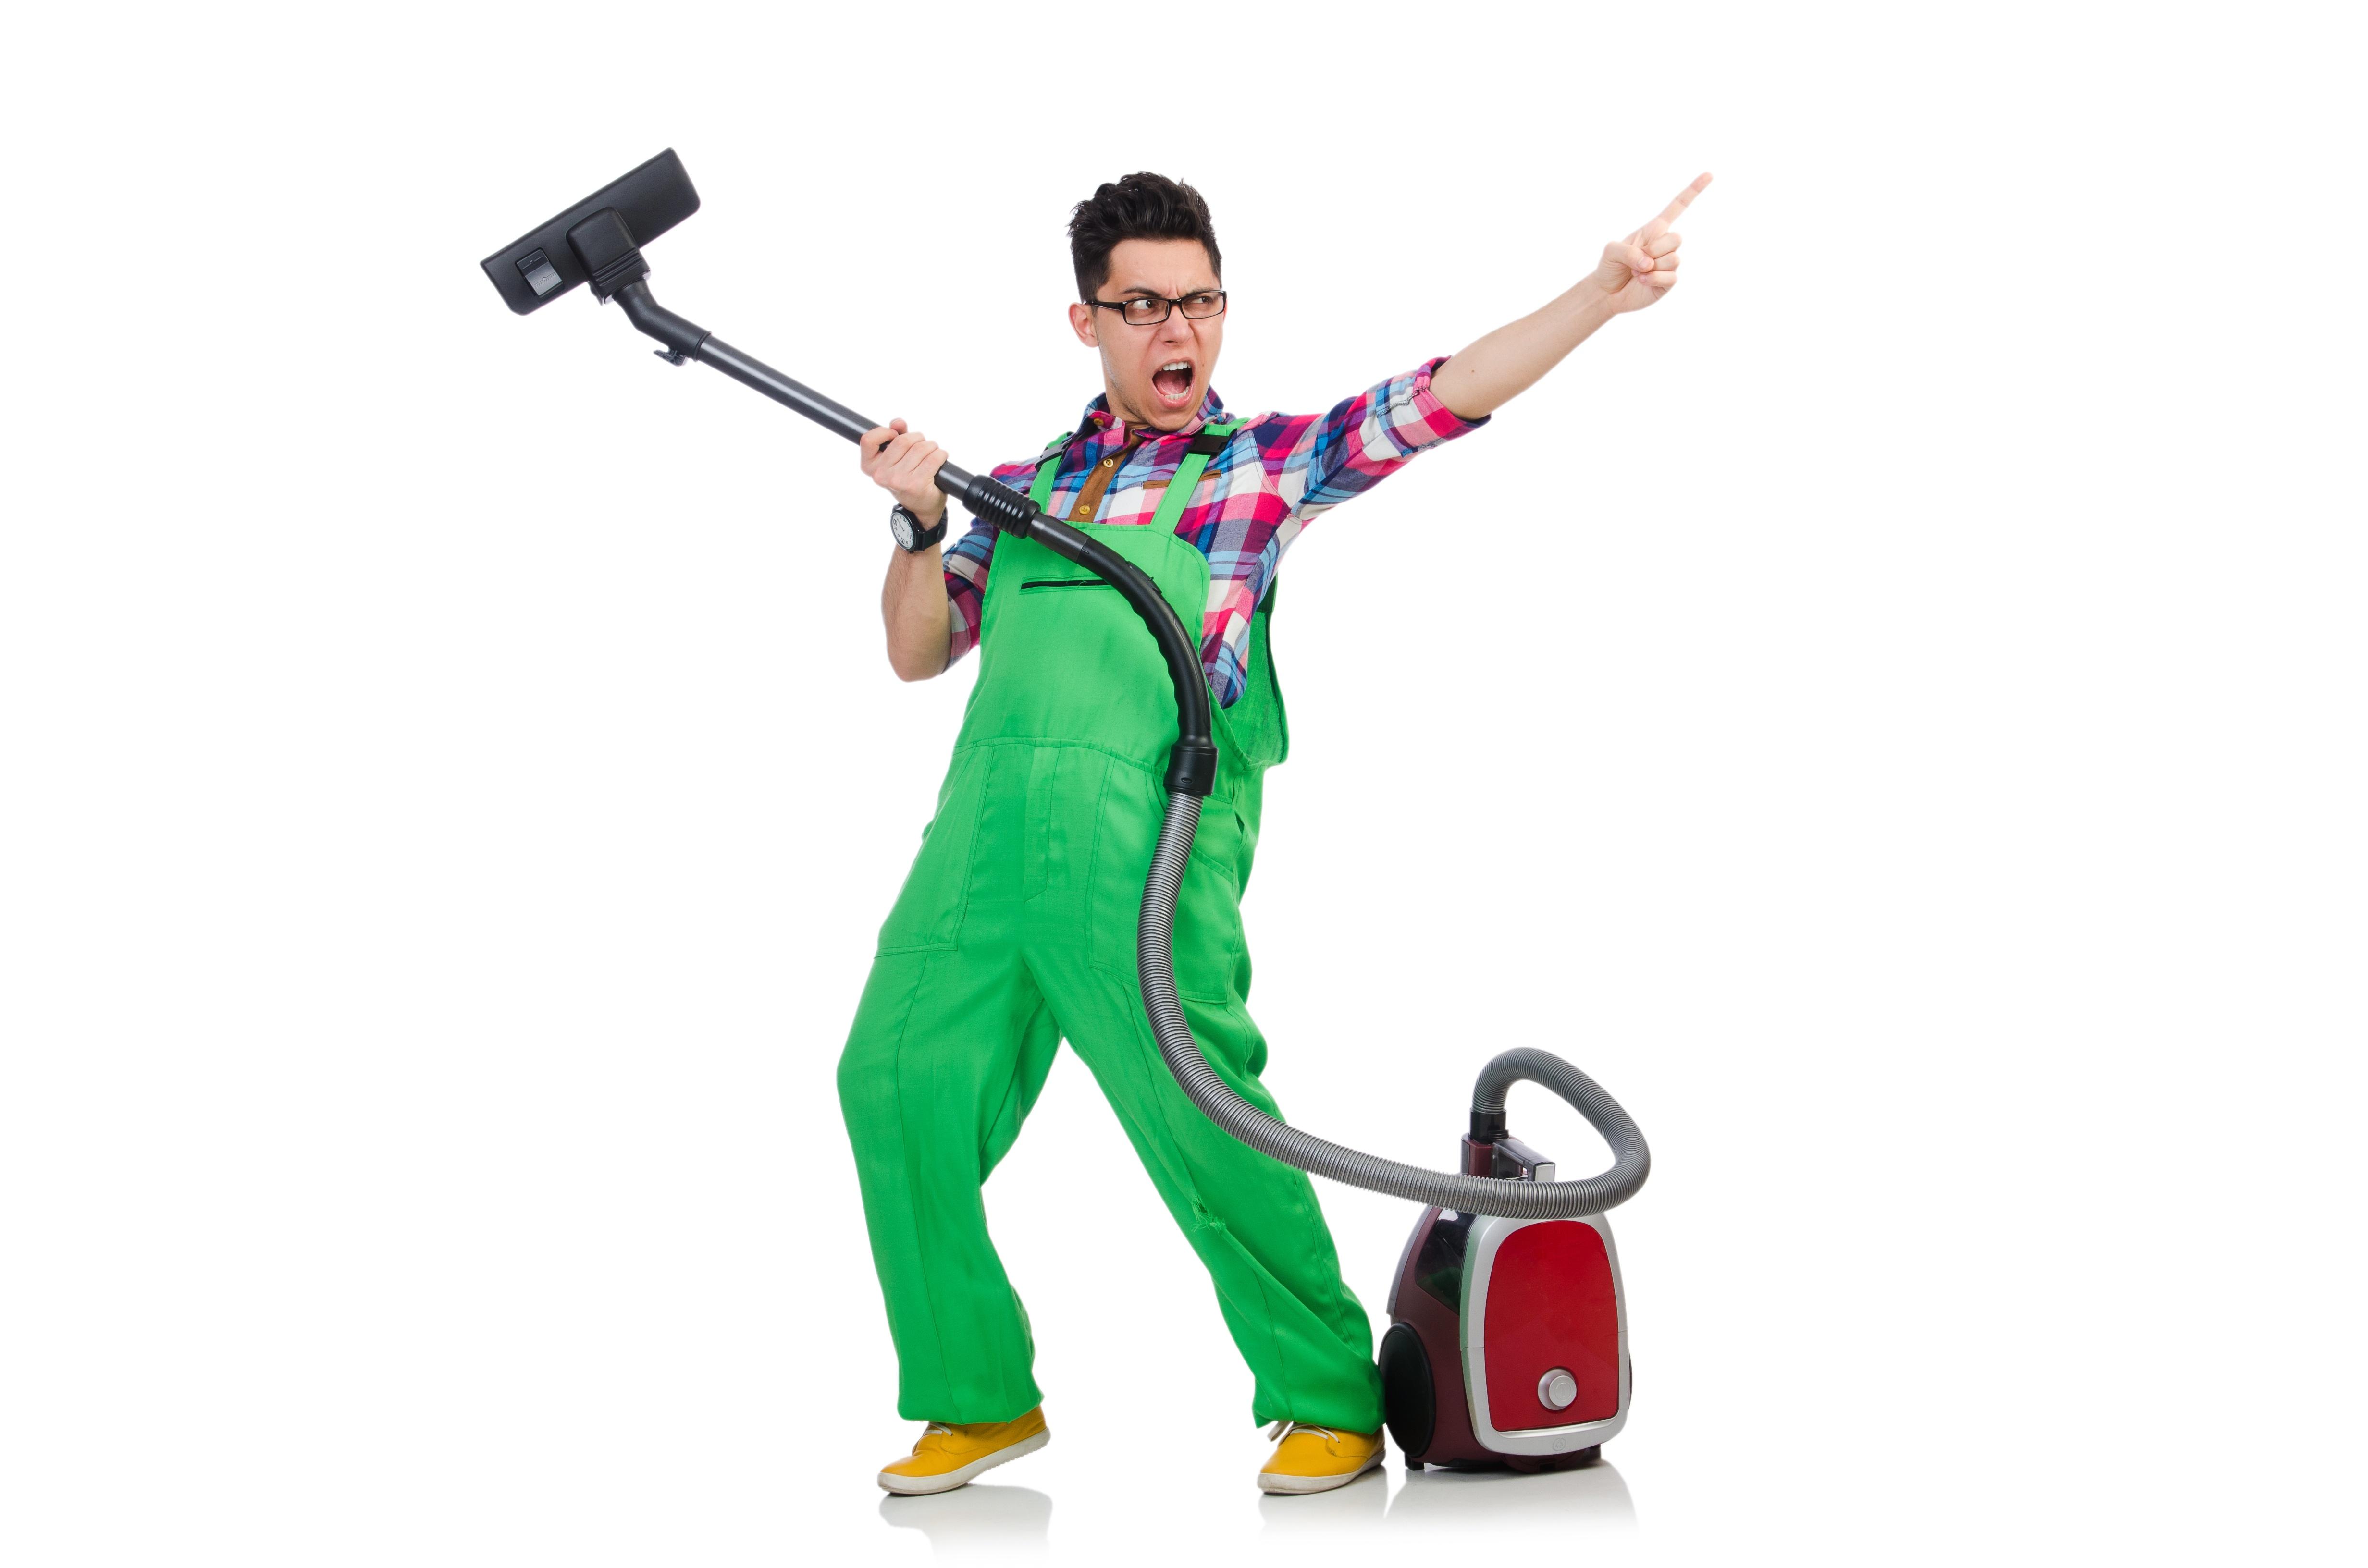 como limpiar el polvo pc